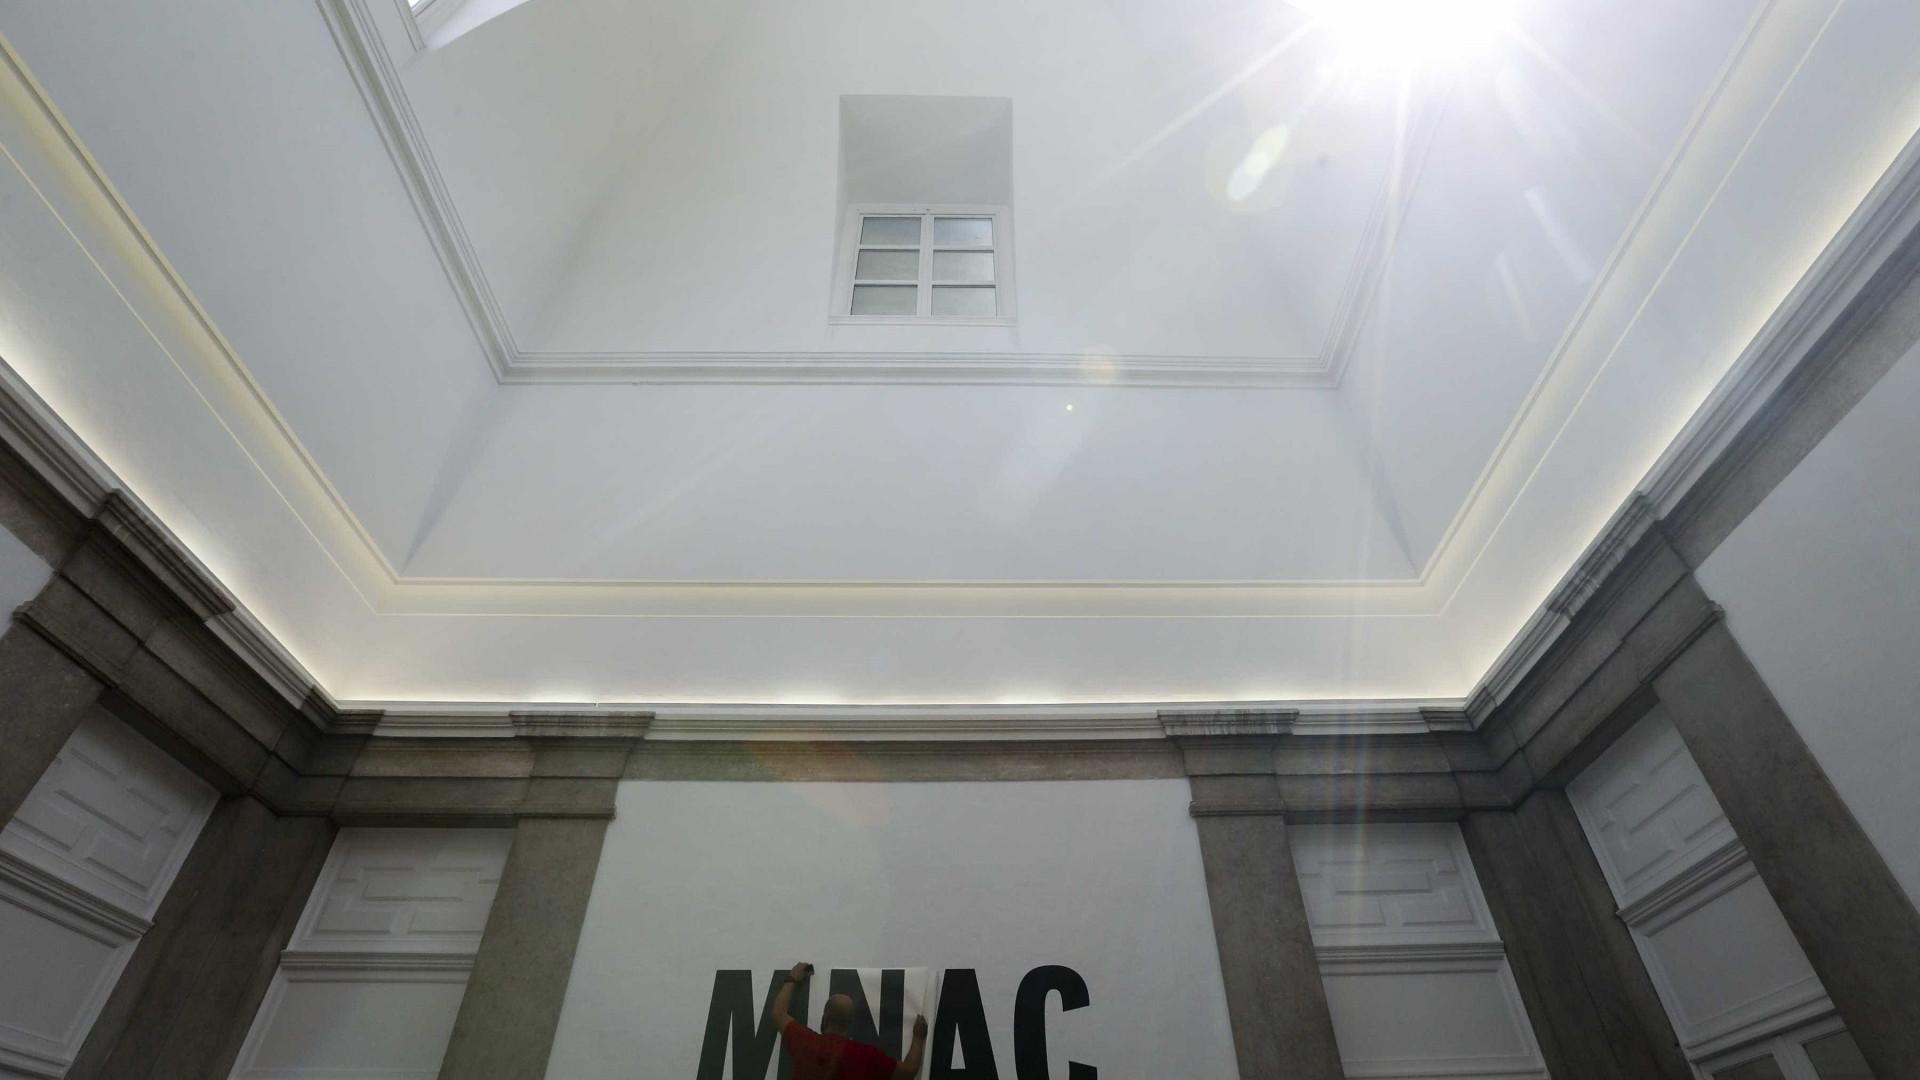 André Alves e Salomé Lamas mostram arte multimédia no Museu do Chiado